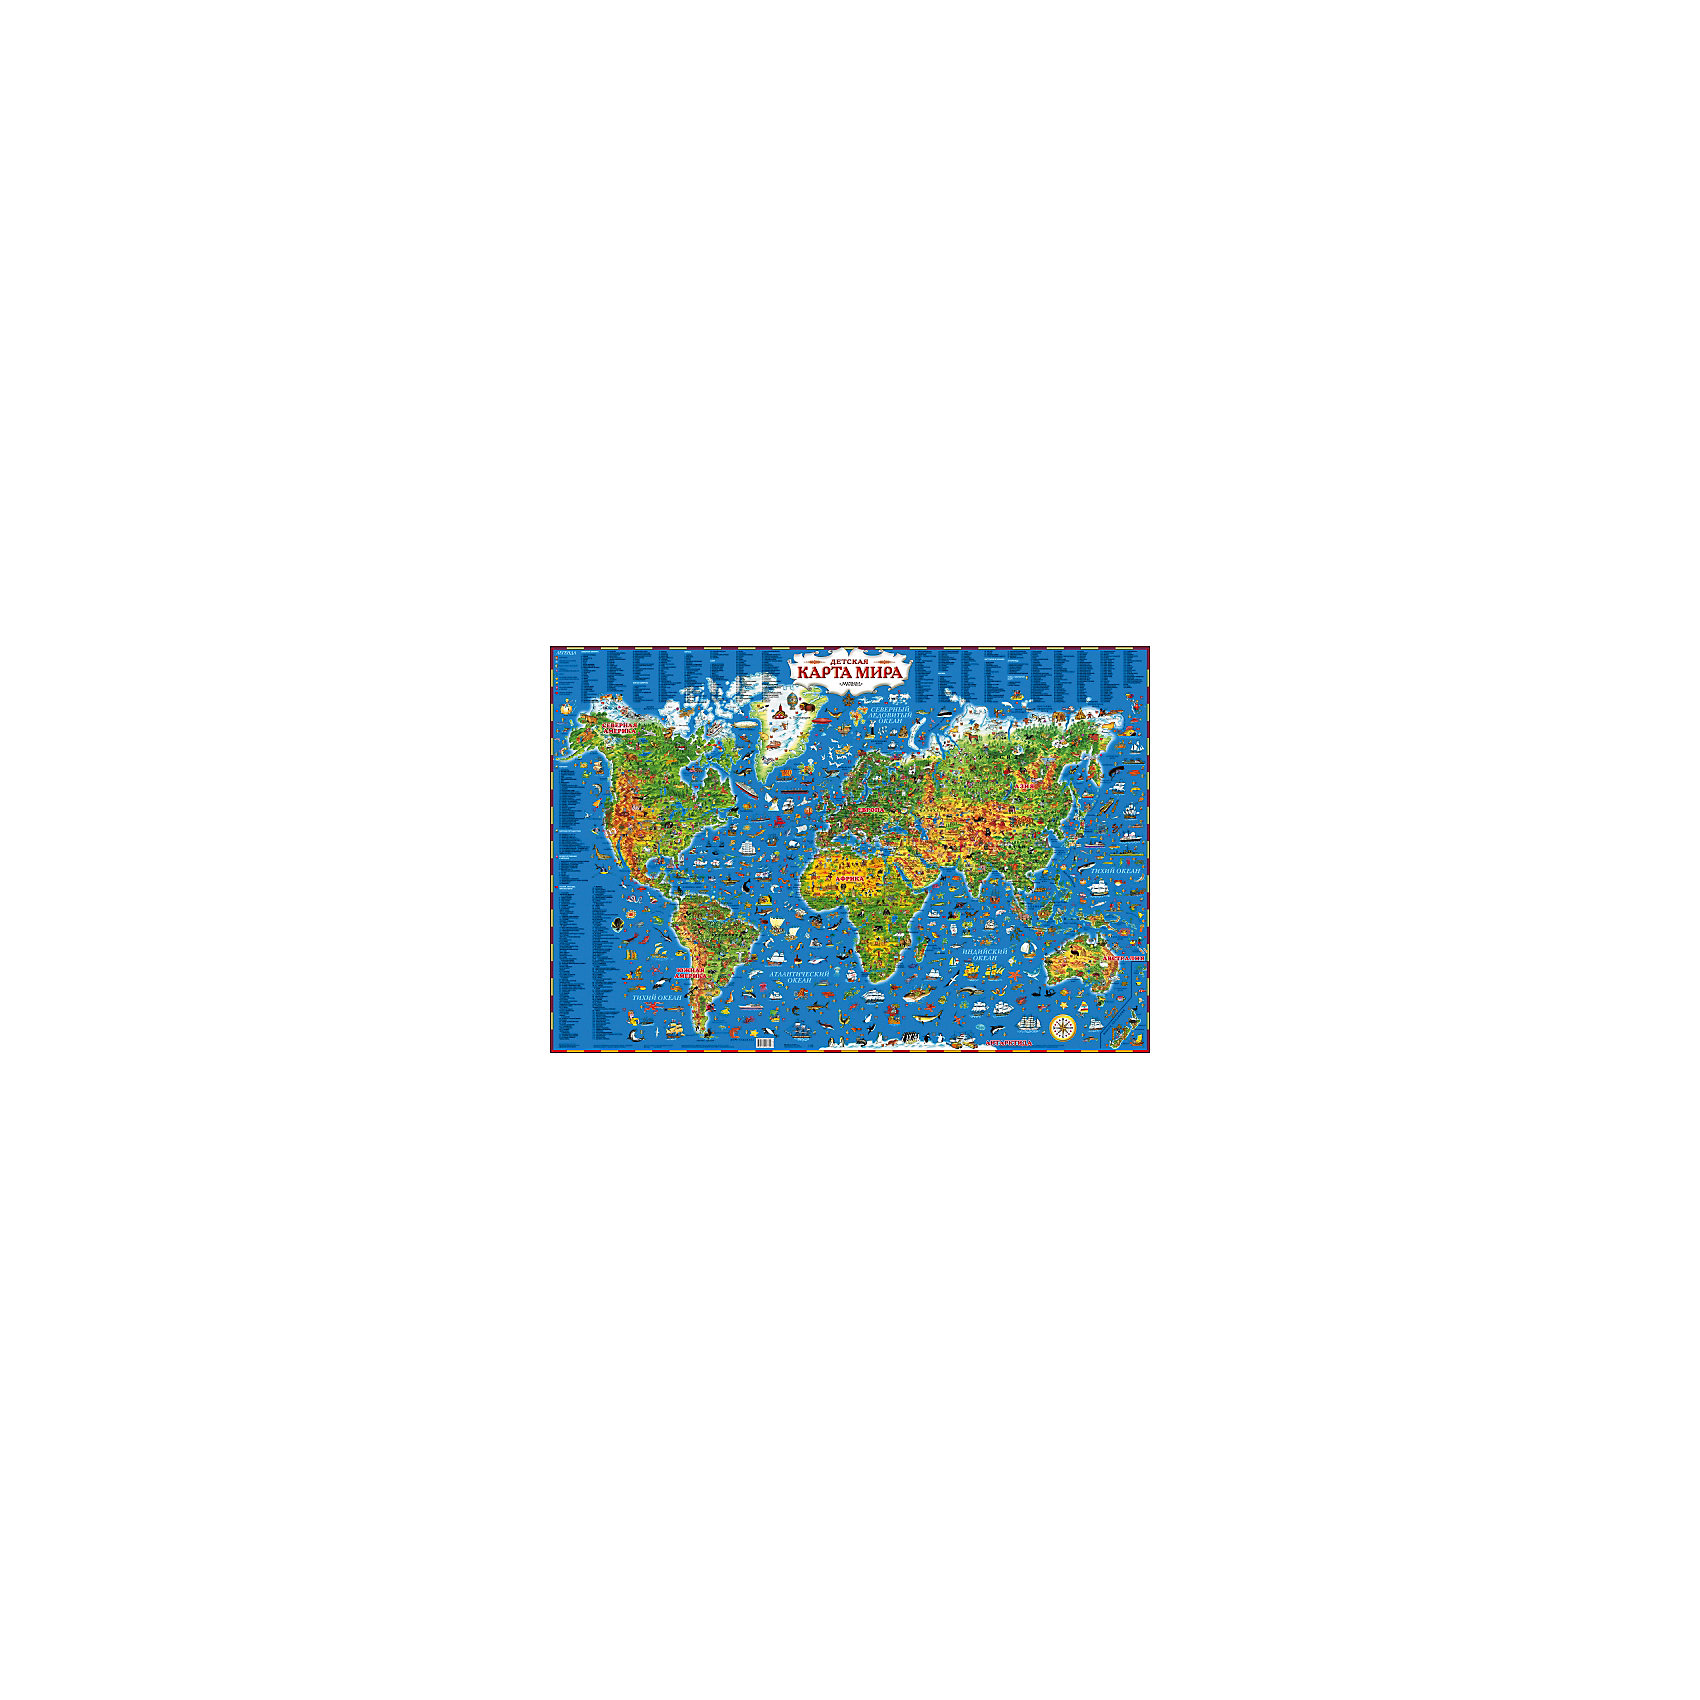 Детская карта мираМАЛЫШ<br>Детская физическая карта мира с картинками и рисунками поможет вашему ребенку узнать мир. Карта является ученым пособием для детей страшего дошкольного и младшего школьного возраста. Огромная красивая карта покажет на каком континенте какие обитают животные, где какие птицы, какие океаны являются домой для каких рыб. На карте отмечены главные достопримечательности нашей платнеты и отмечены знаменитые города Земли. <br><br>Дополнительная информация:<br>- год выпуска: 2012<br>- формат: 940 * 1360 мм.<br>- язык: русский<br>- вес: 180 гр. <br><br>Детскую карту мира можно купить в нашем интернет - магазине.<br>Подробнее:<br>• ISBN: 9785170193301<br>• Для детей в возрасте: от 5 до 10 лет<br>• Номер товара: 4902164<br>Страна производитель: Российская Федерация<br><br>Ширина мм: 1<br>Глубина мм: 1370<br>Высота мм: 937<br>Вес г: 240<br>Возраст от месяцев: 84<br>Возраст до месяцев: 2147483647<br>Пол: Унисекс<br>Возраст: Детский<br>SKU: 4902164